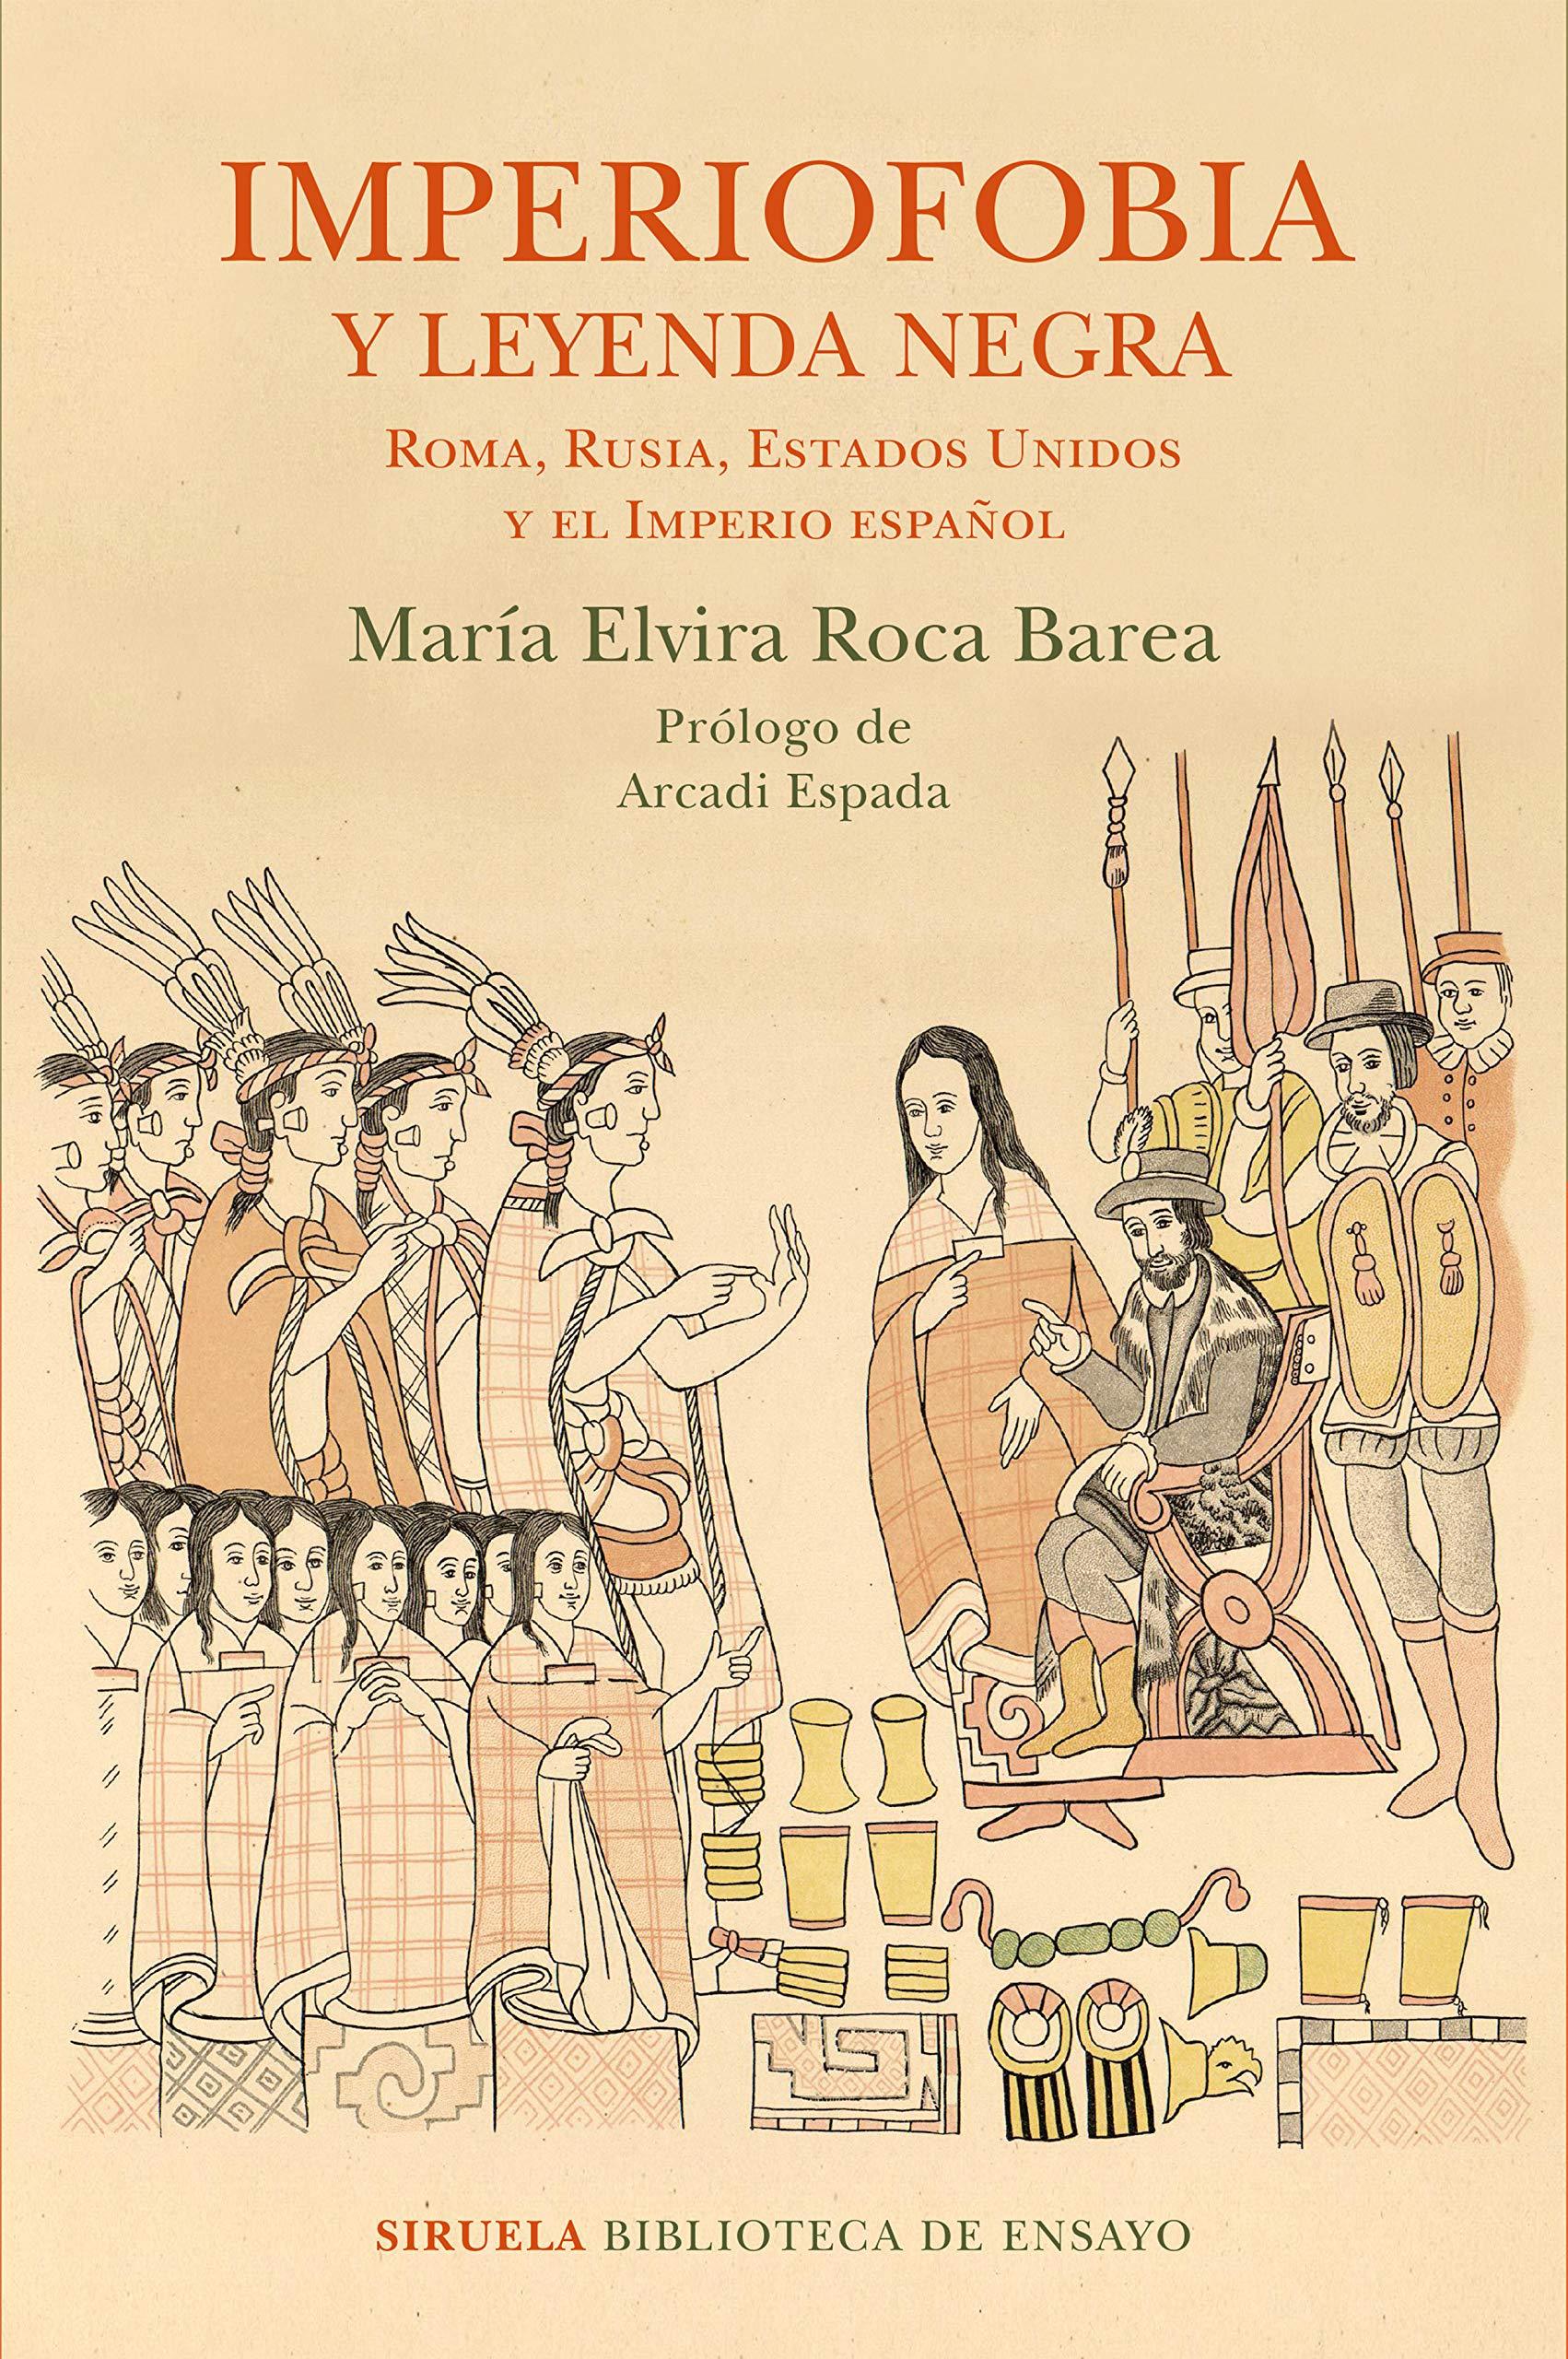 Imperiofobia y leyenda negra: Roma, Rusia, Estados Unidos y el Imperio  español: 87 Biblioteca de Ensayo / Serie mayor: Amazon.es: María Elvira  Roca Barea: ...